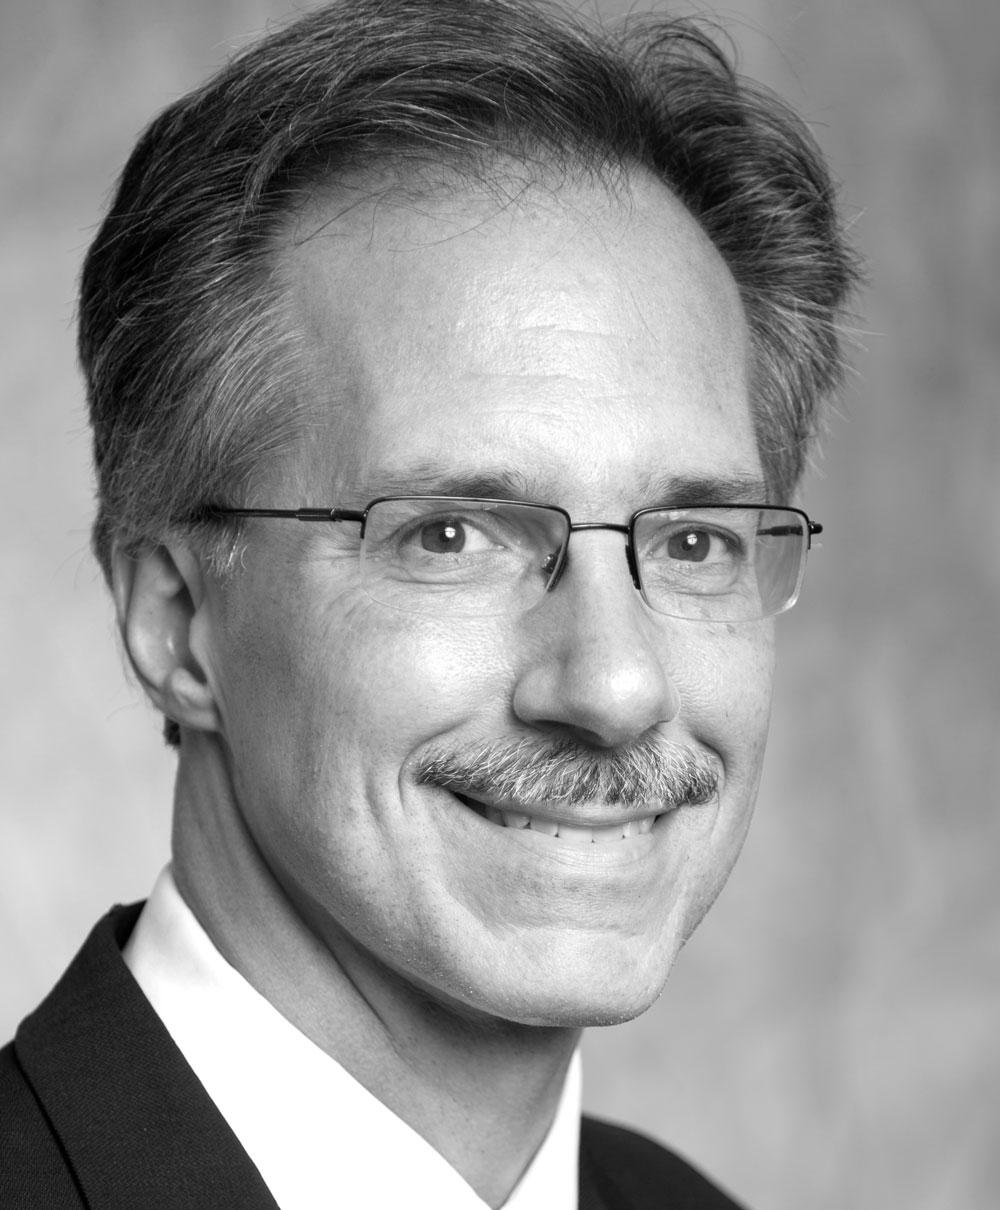 Headshot of Jim Fox